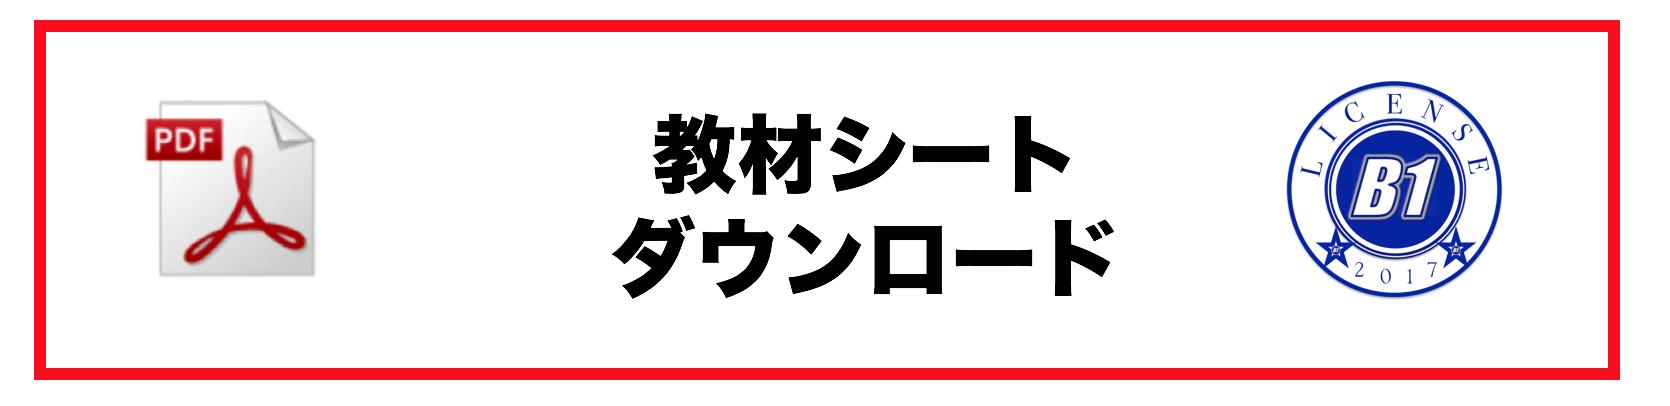 スクリーンショット 2017-06-19 21.53.01